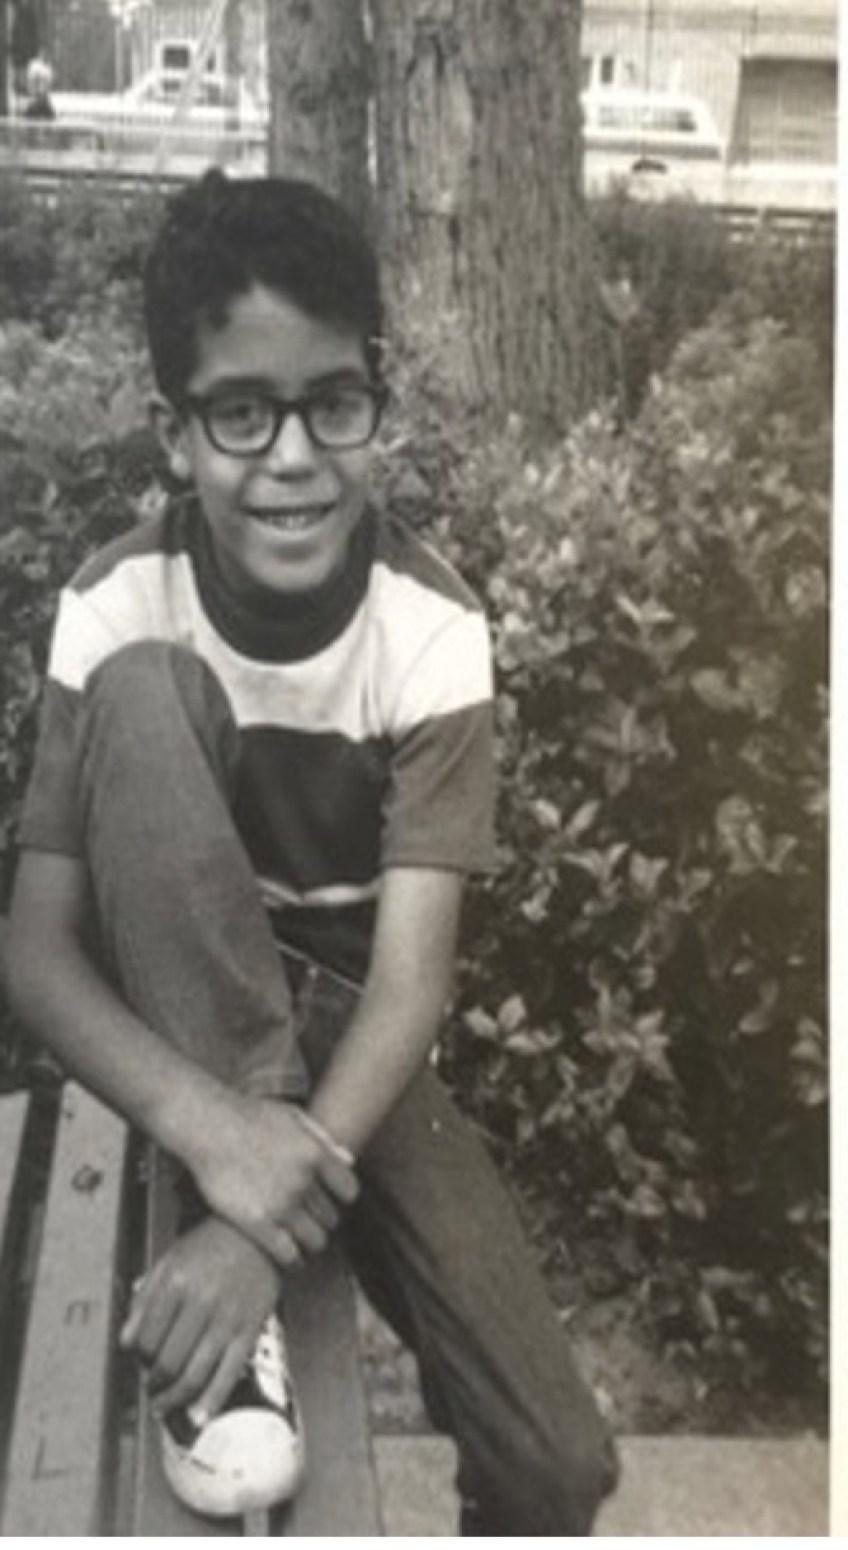 el día del niño y su vida - JorgeMelendez.com.mx